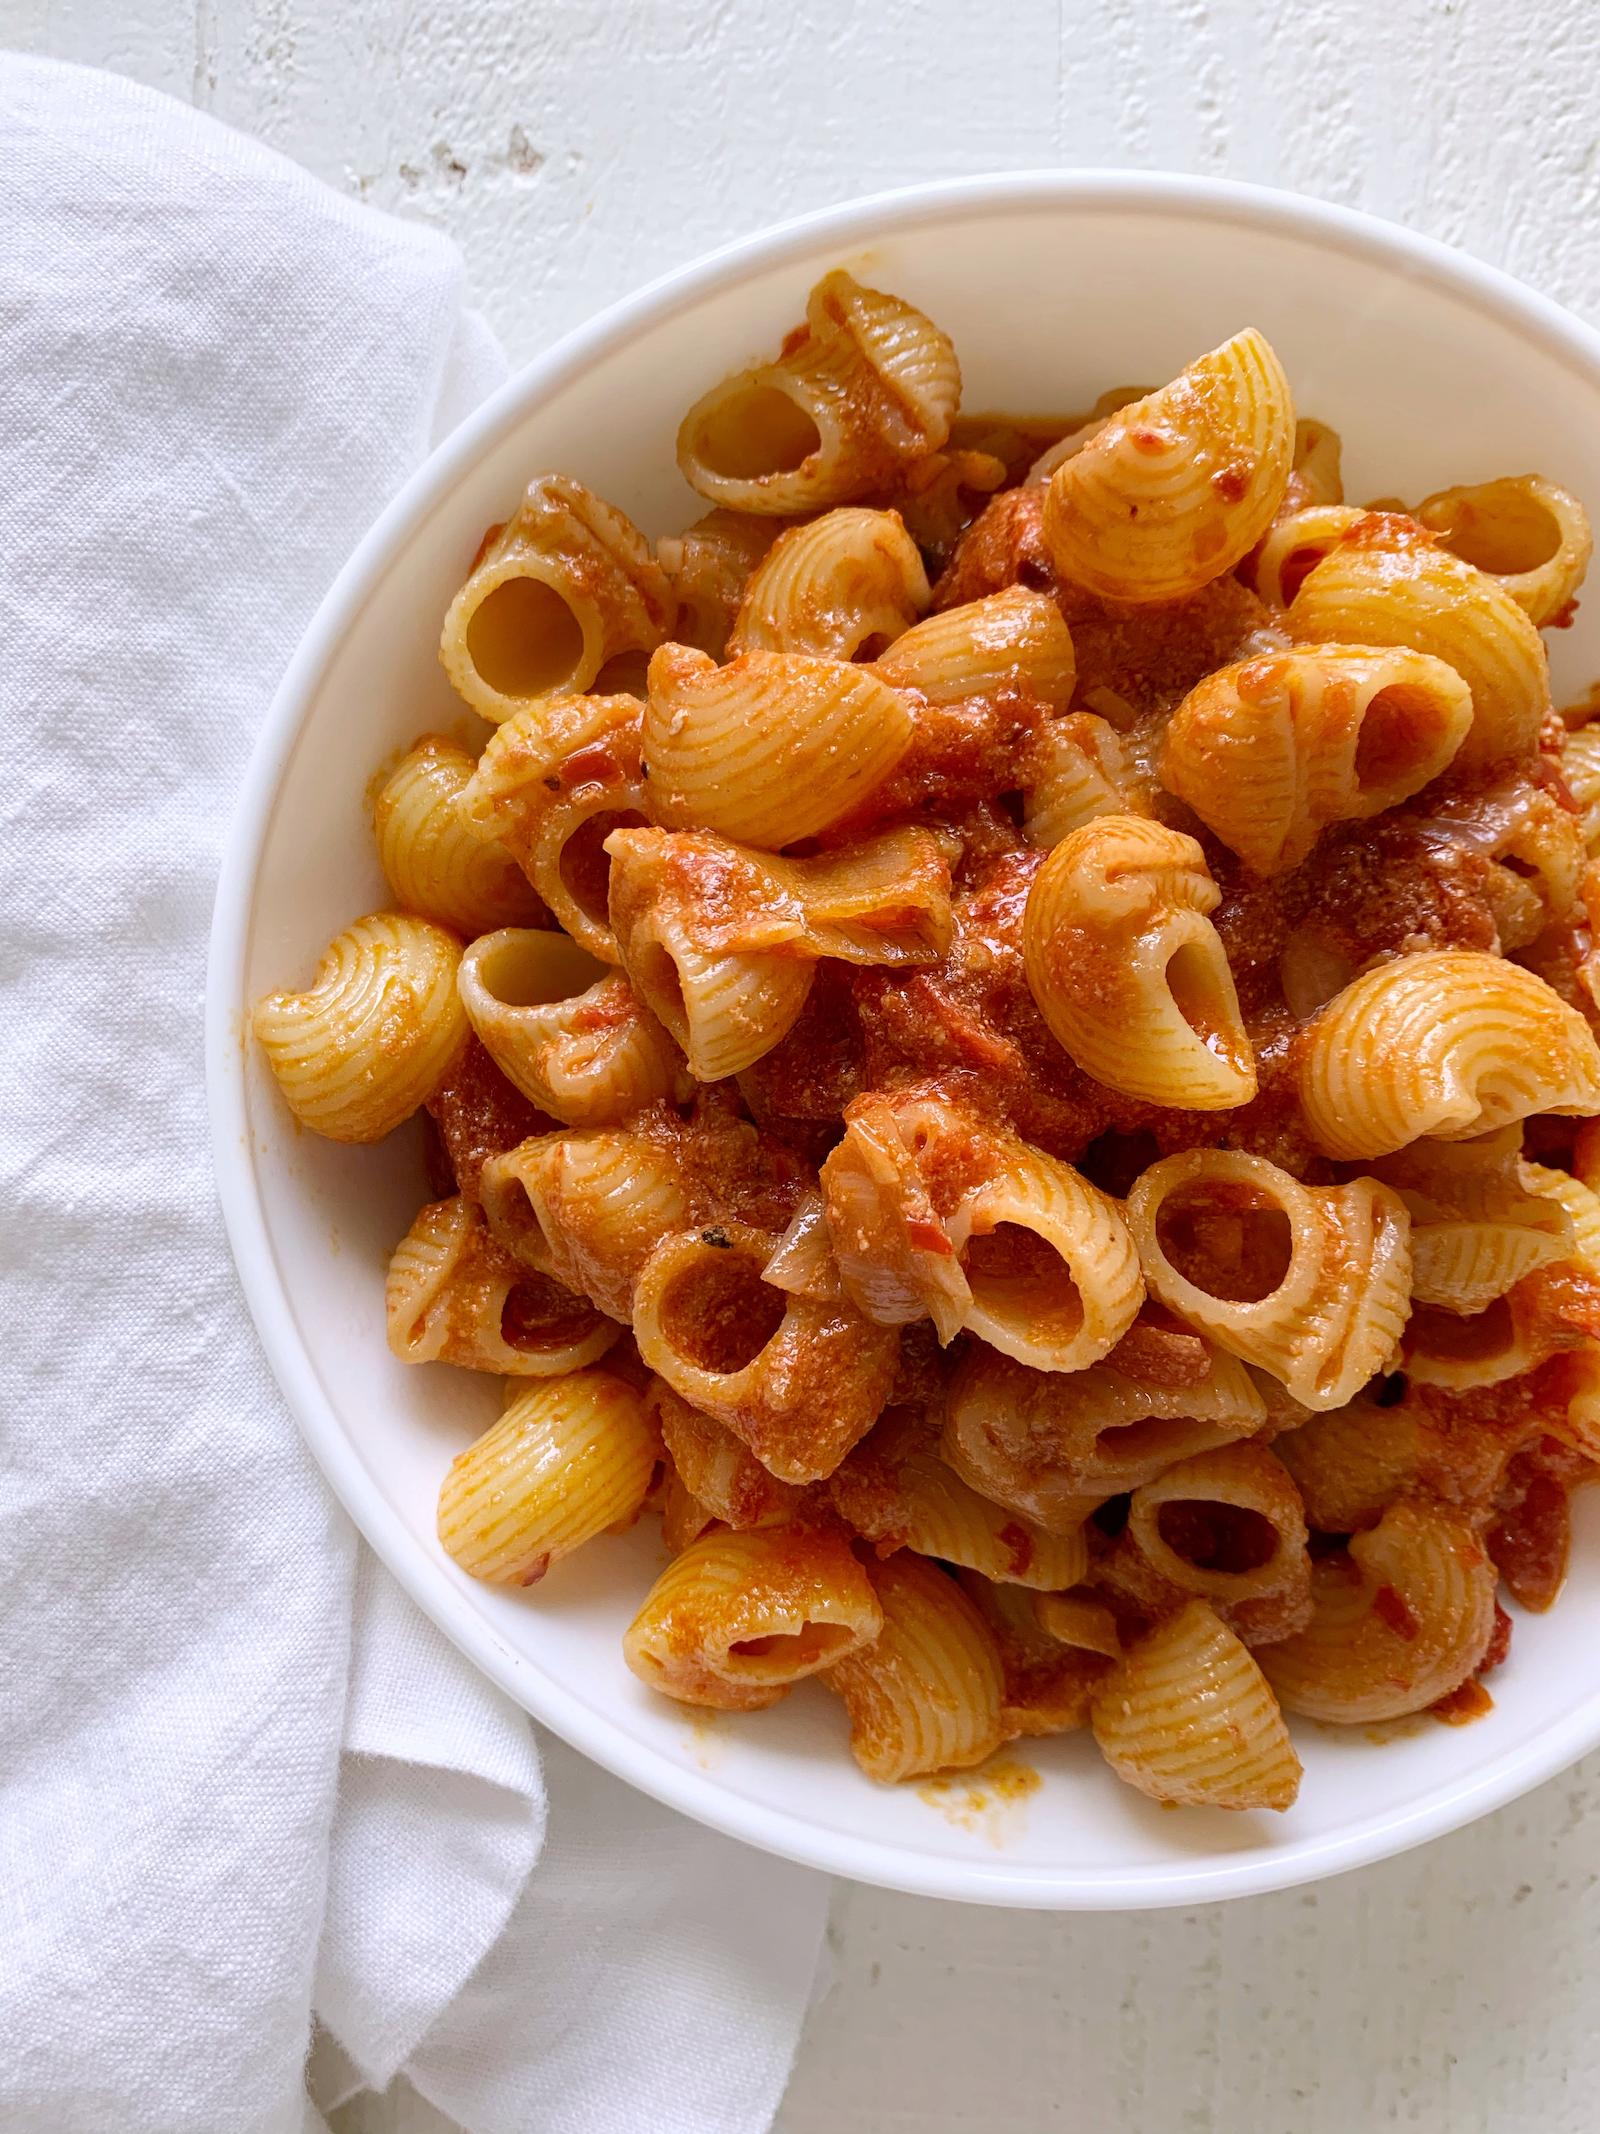 healthy carbone pasta recipe